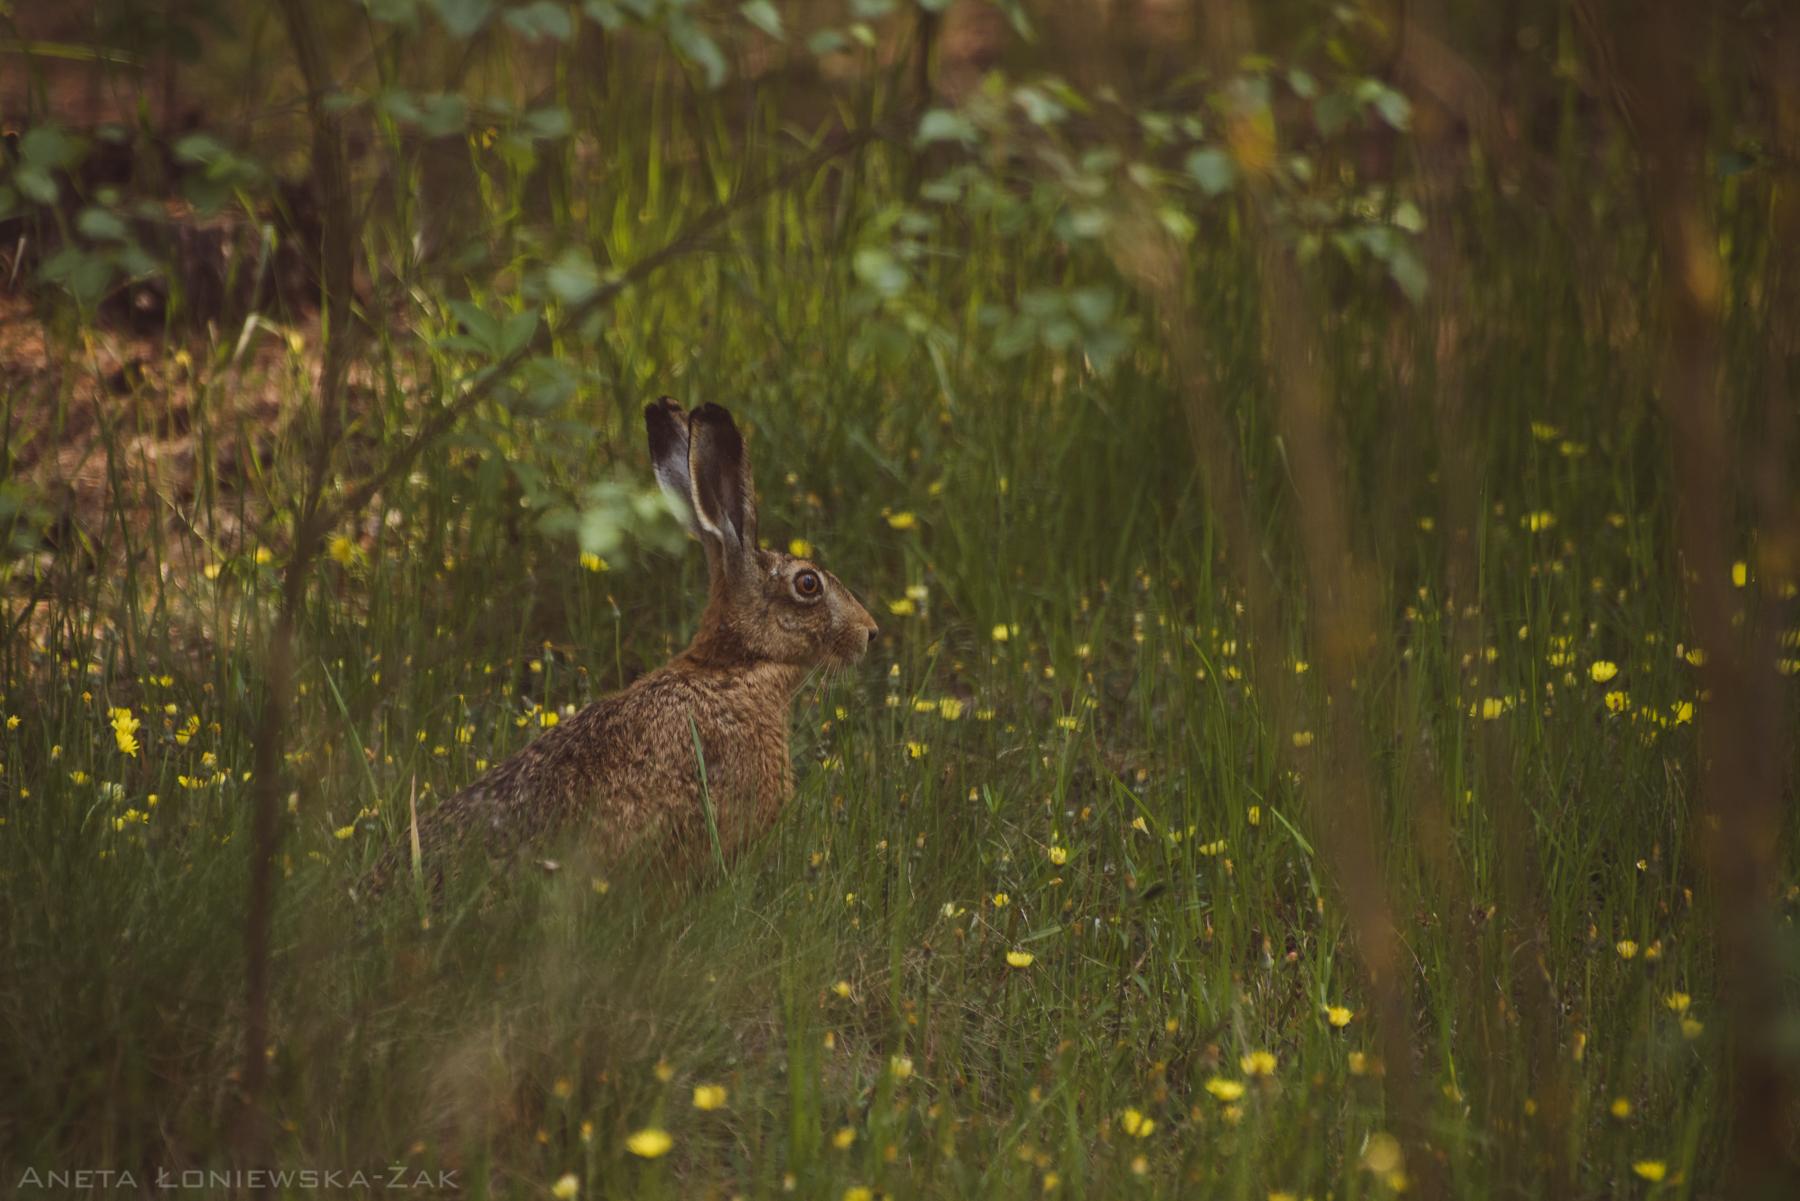 fotografia przyrodnicza, puszcza knyszyńska, zając